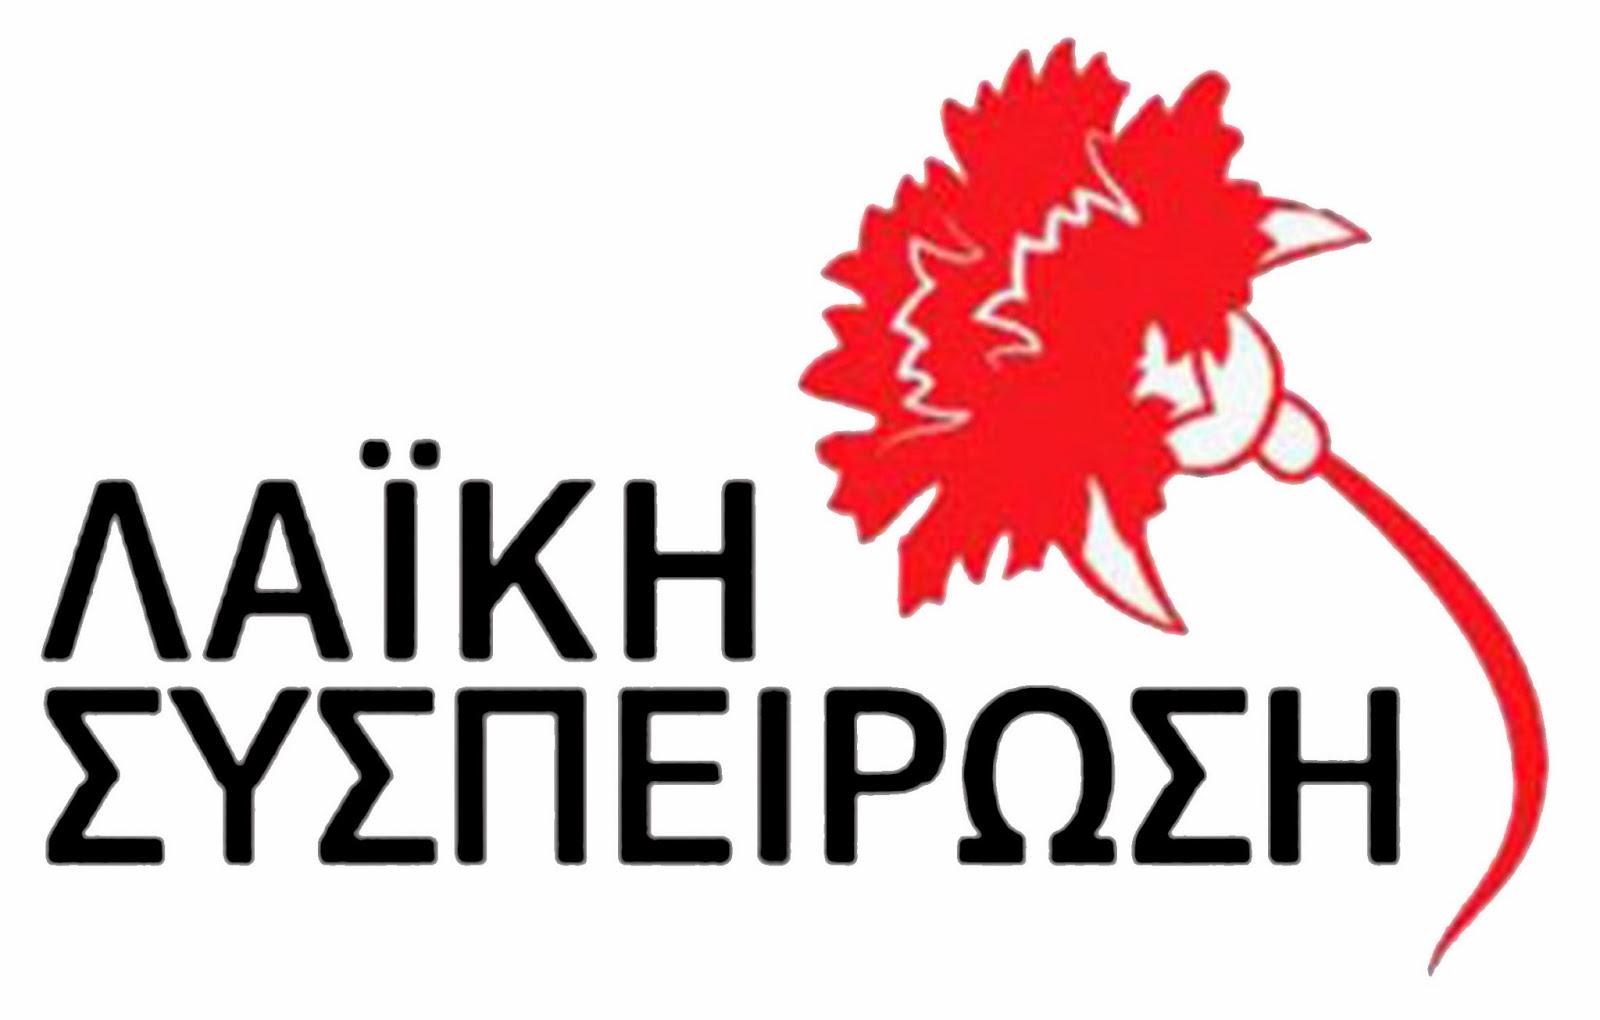 i-laiki-syspeirosi-delfon-gia-tin-ayksisi-ton-dimotikon-telon-kai-fodsa